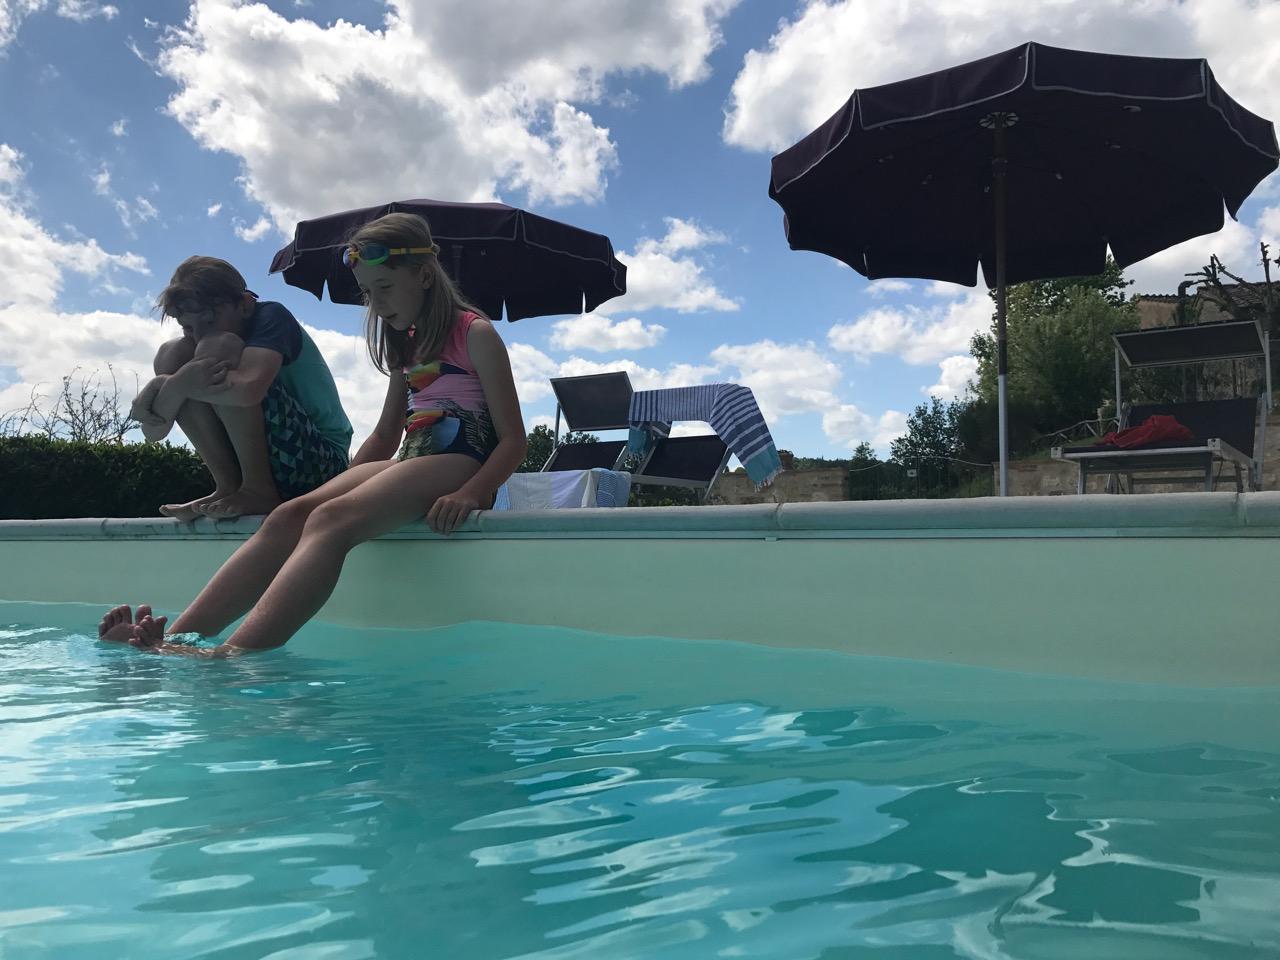 Pool fun in the Tuscan sun.